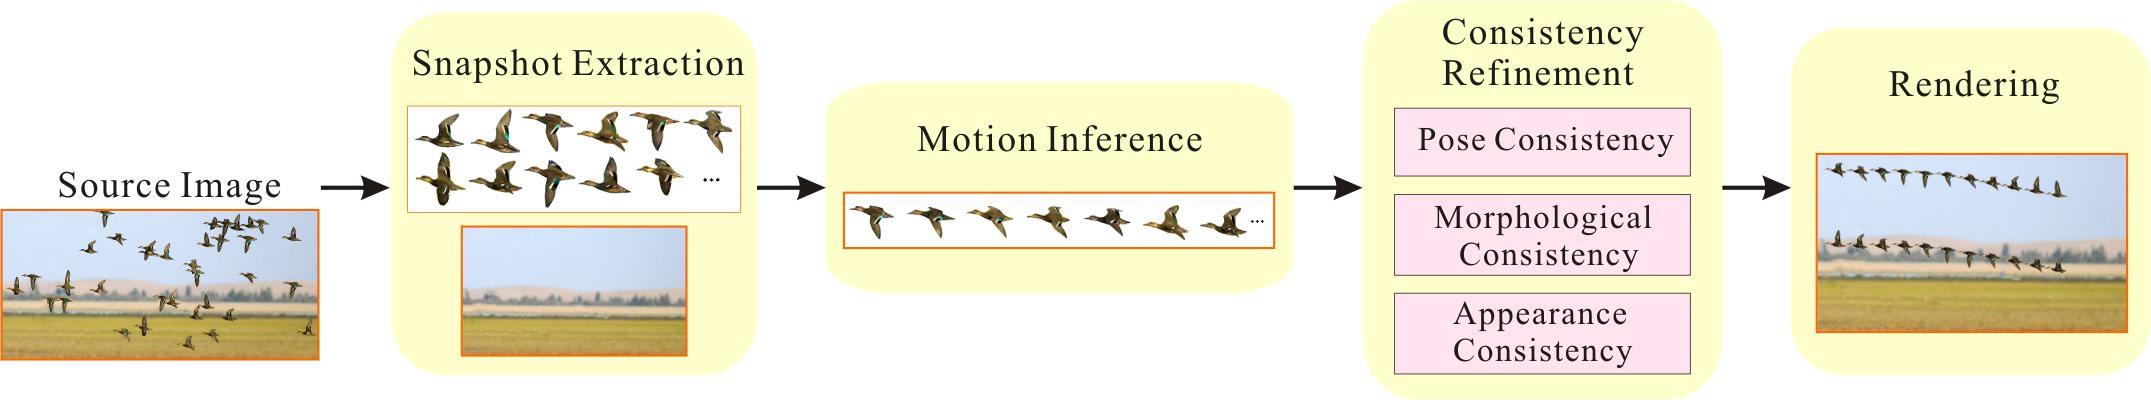 「單一圖片合成動物動畫系統」的製作過程: 一.從單一圖片中取出每個個體的移動形態。 二.將不同移動形態排序,並找出最佳的移動序列,就能重組該物種的移動週期。此乃該系統最重要的研究貢獻。 三.進行協調性上的調節,以優化形狀、形態及外觀上的連貫性。 四.最後,將個別動態合成流暢的動畫。